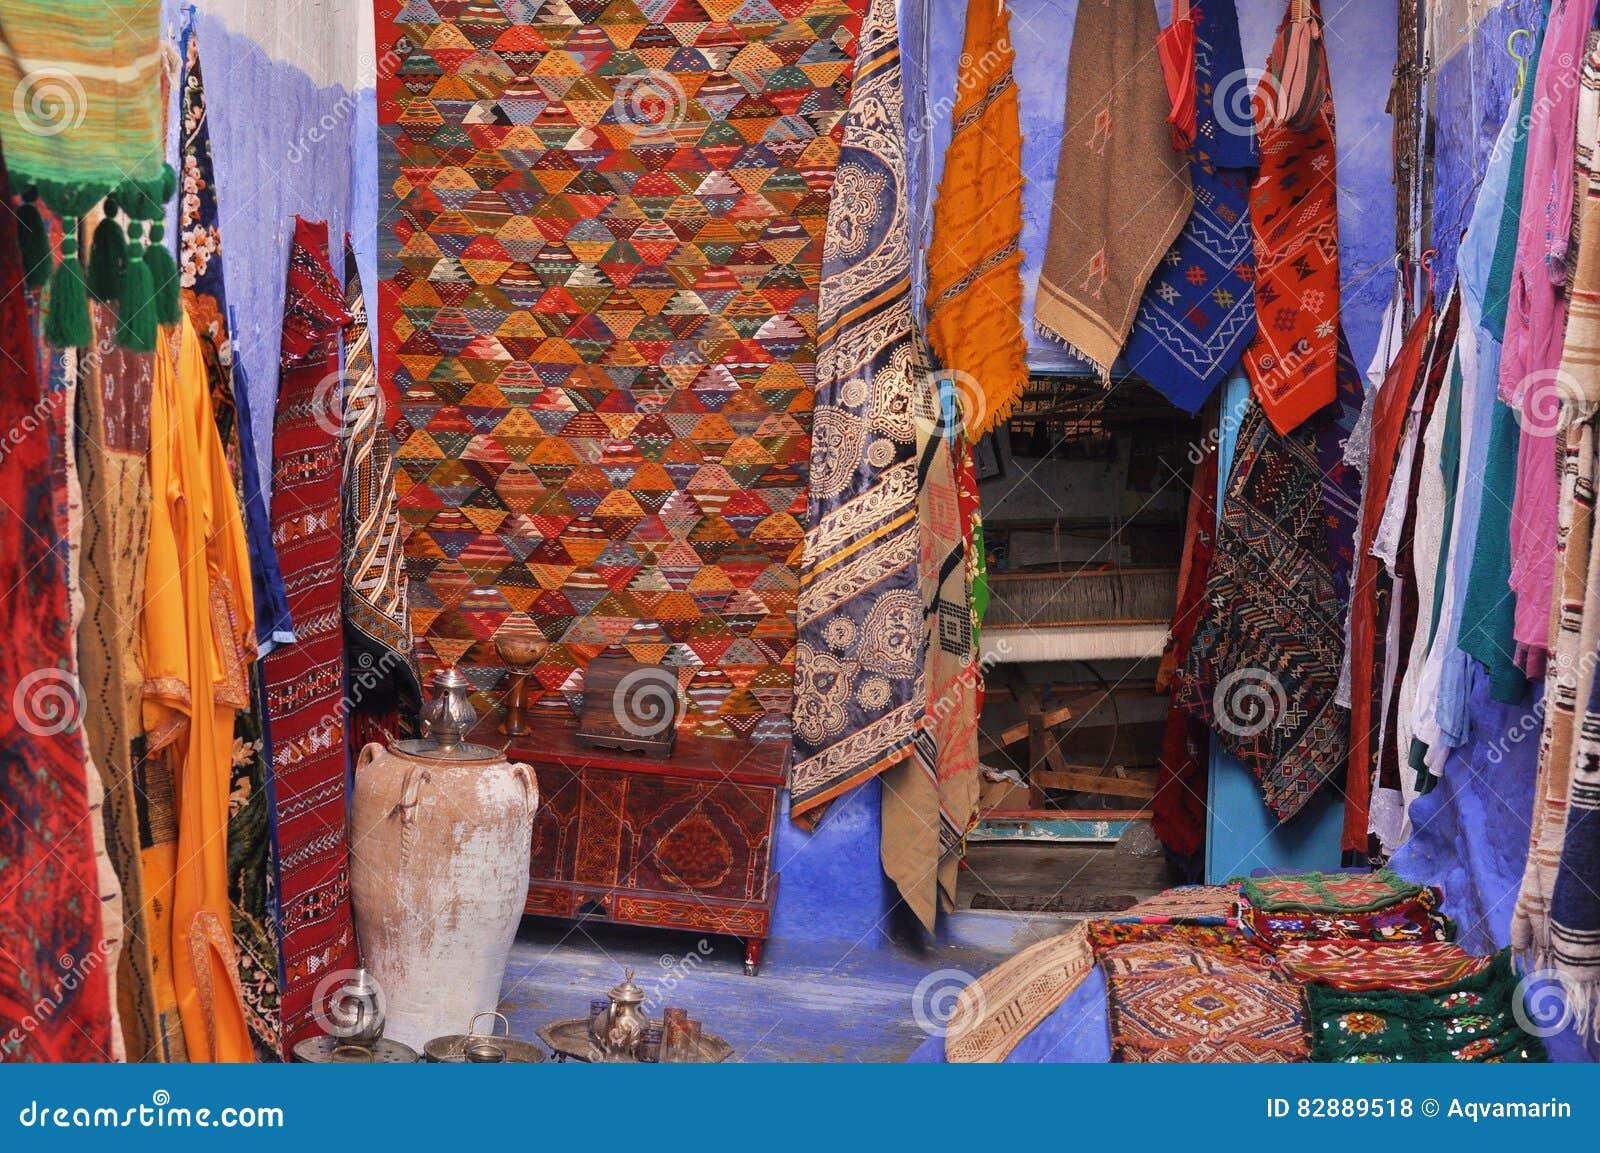 Boutique De Tapis Au Maroc Photo Stock Image Du Tapis 82889518